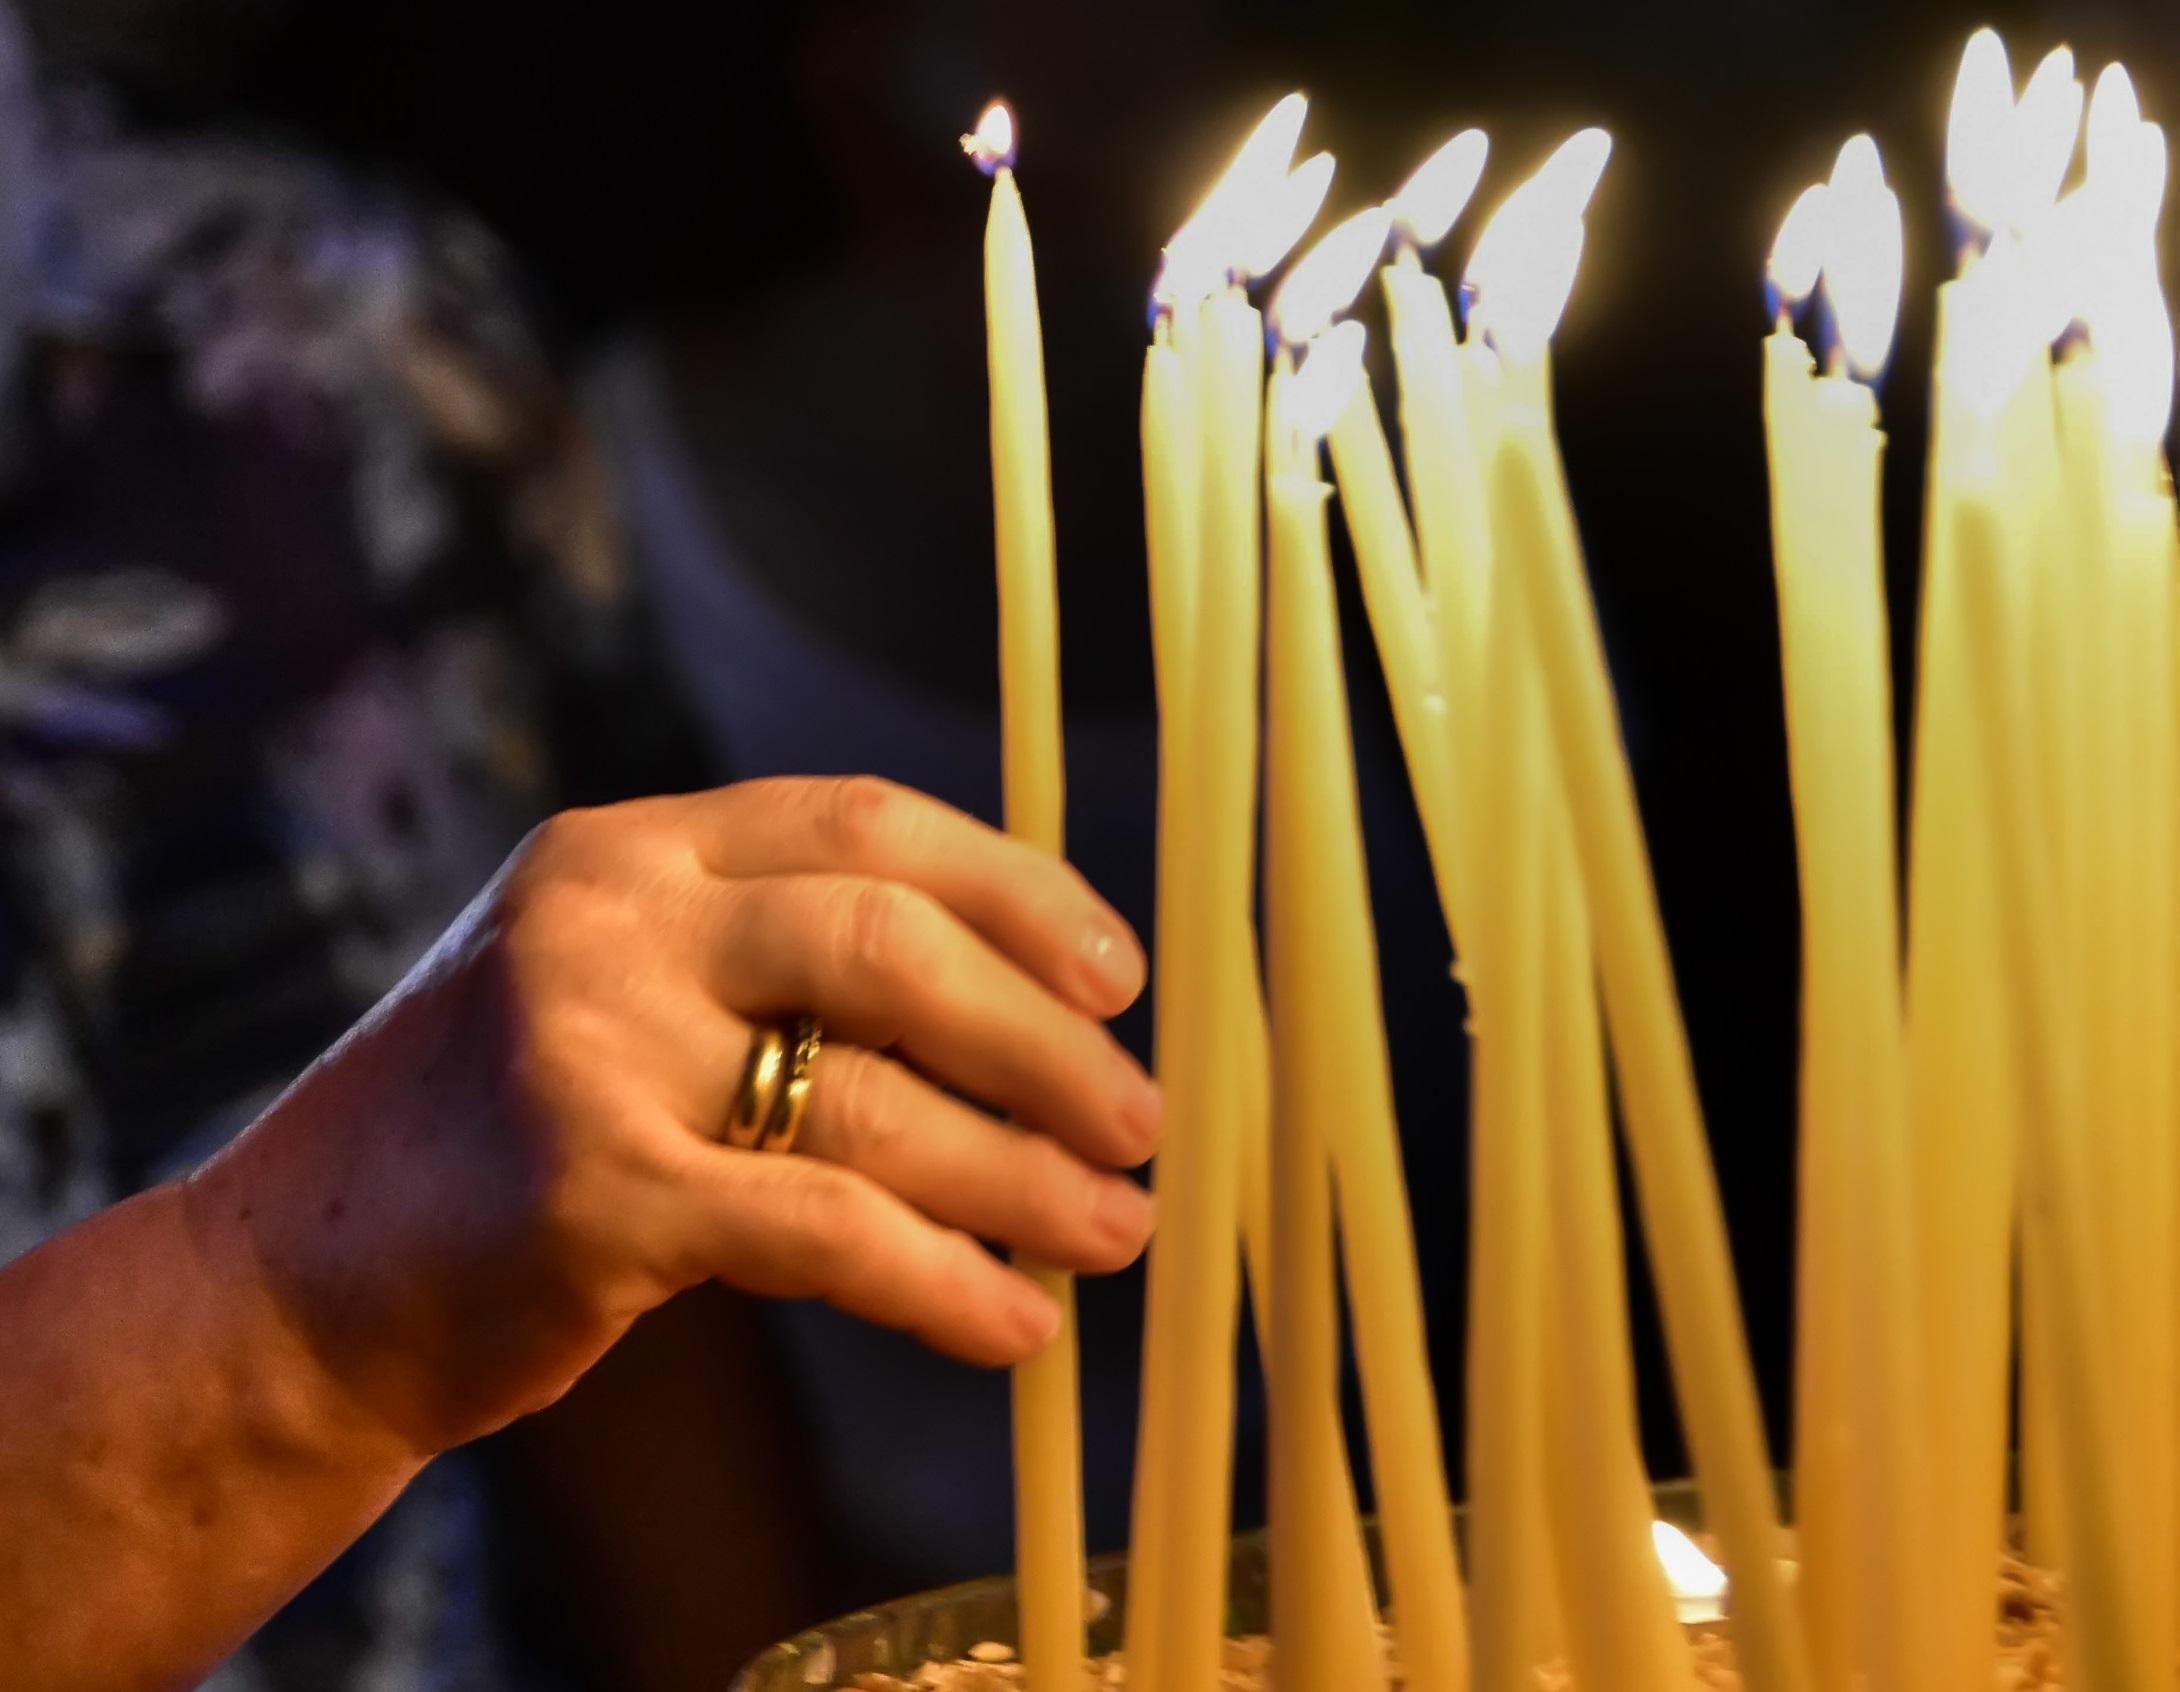 Πάτρα: Ο κορονοϊός τρύπωσε στην εκκλησία! Νόσησαν ο ιερέας, η παπαδιά και ο νεοκόρος